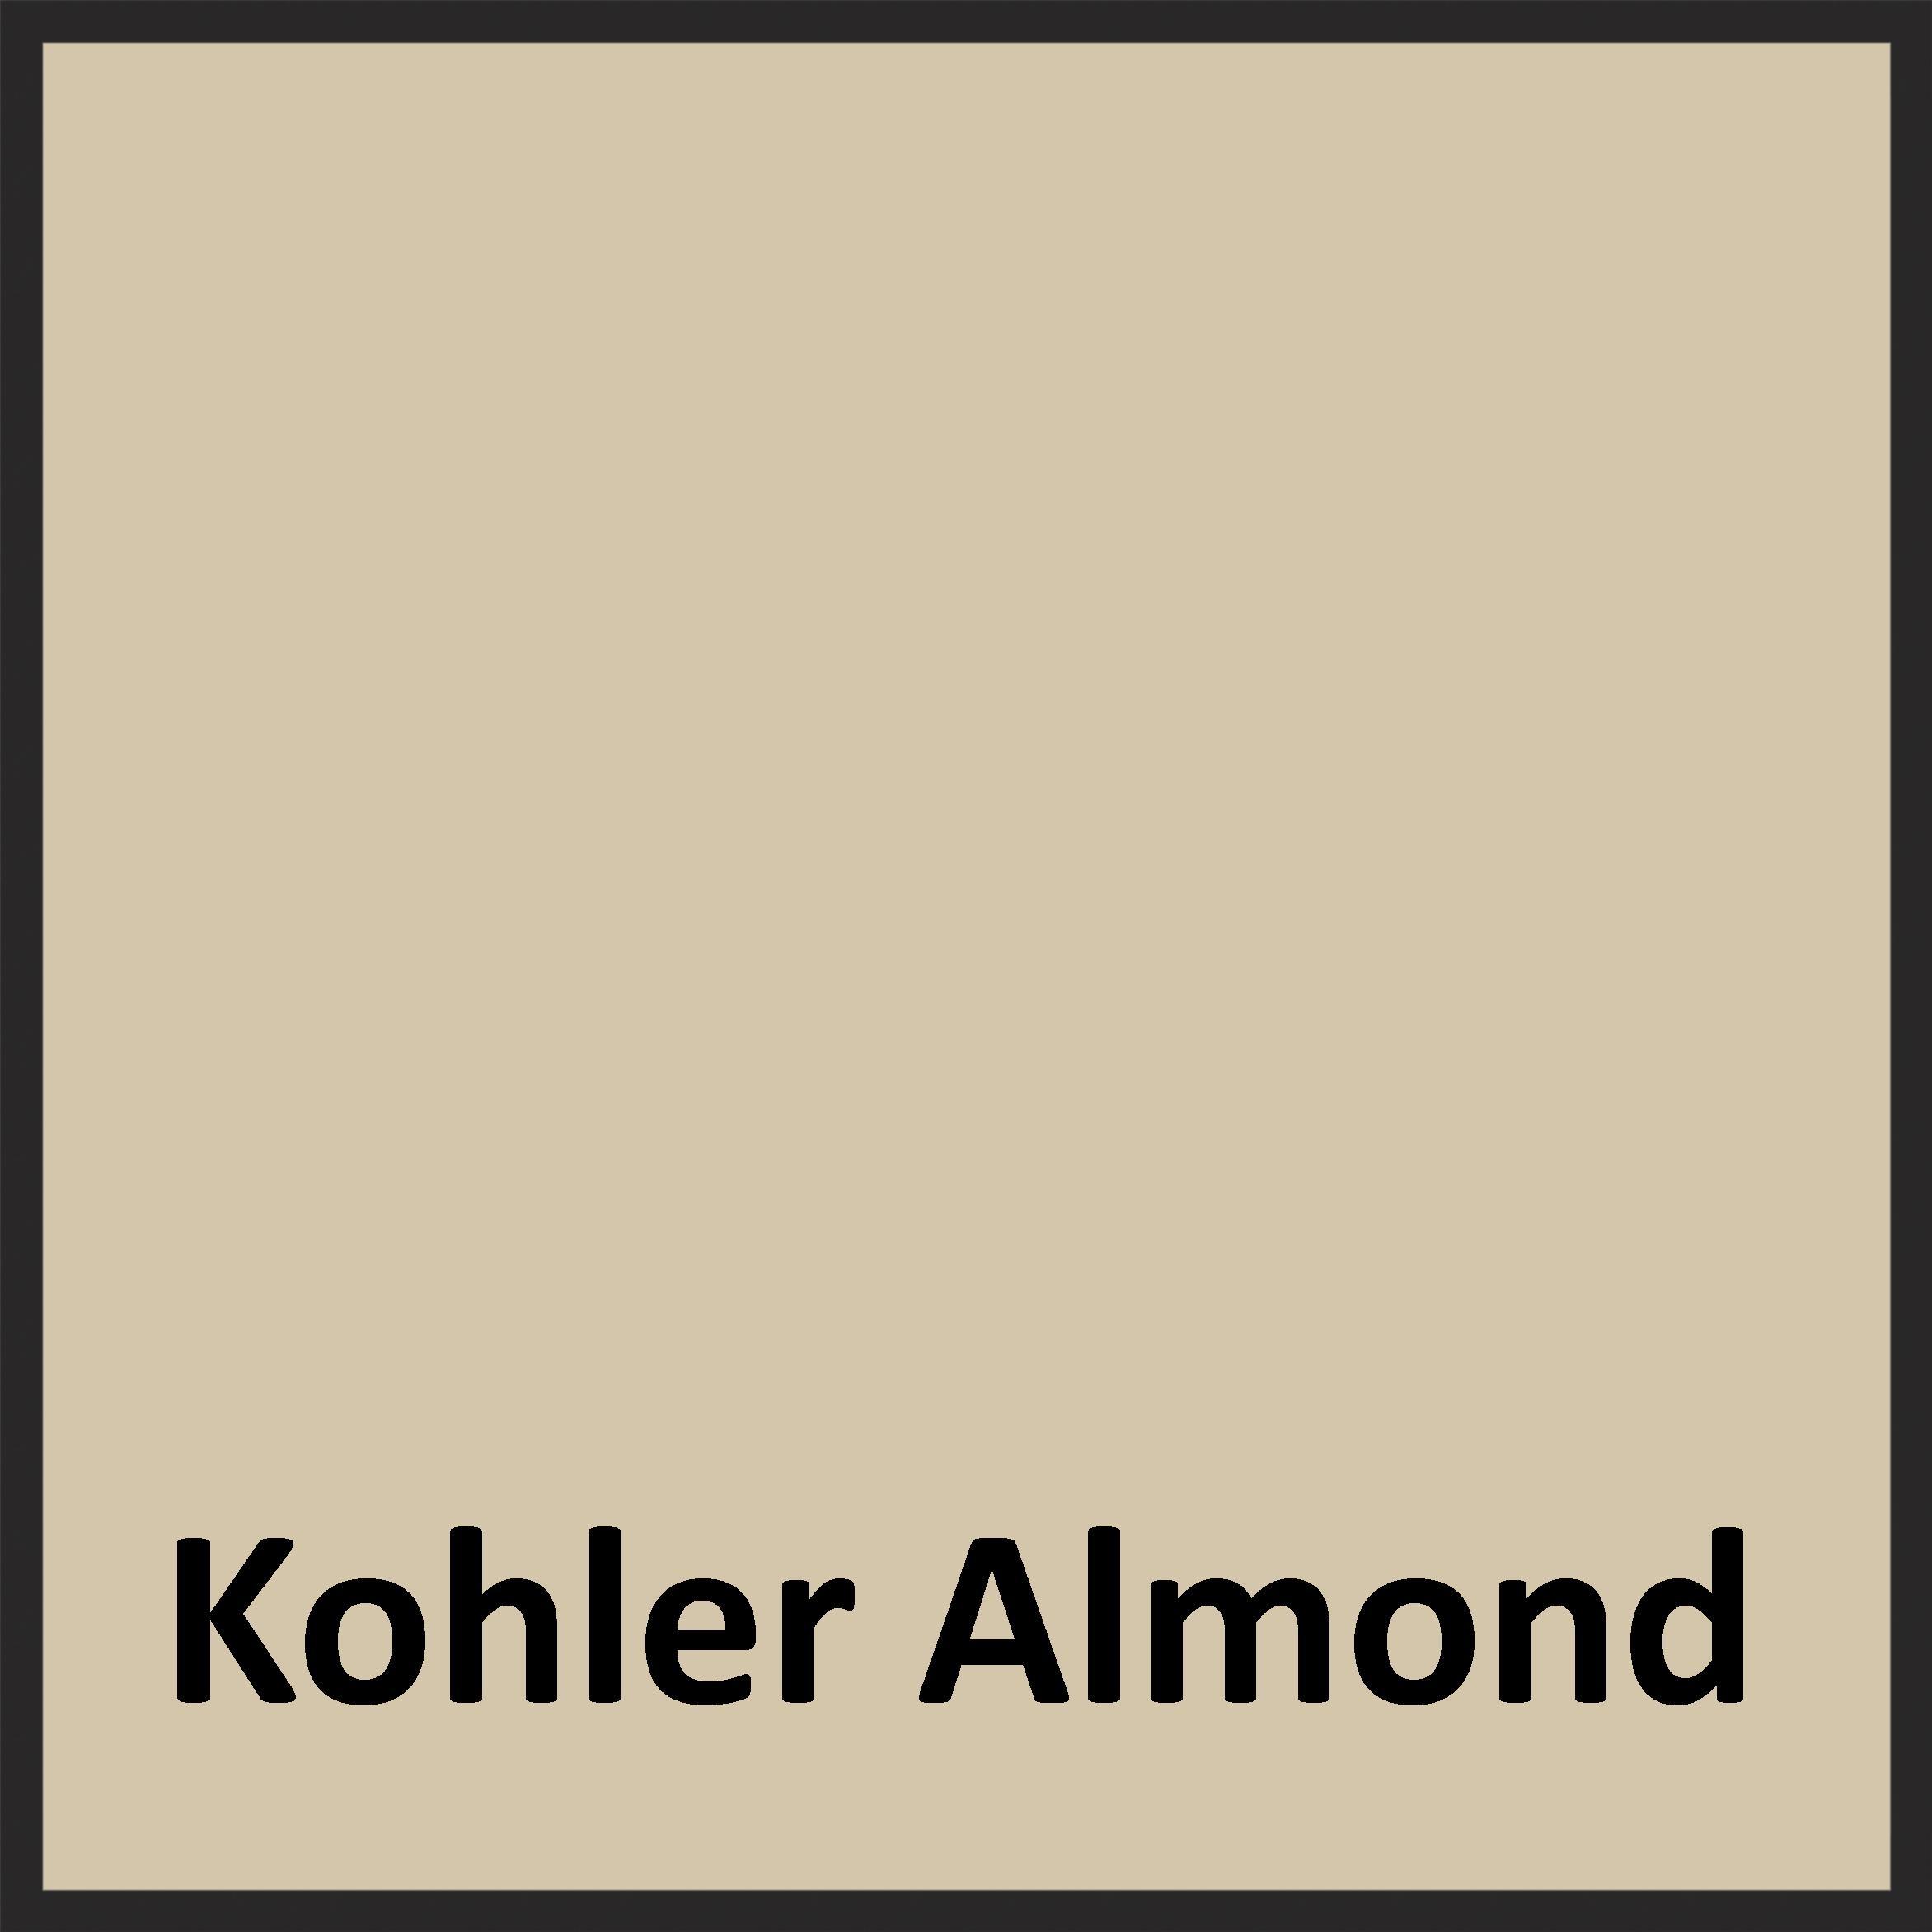 kohler-almond-label.jpg